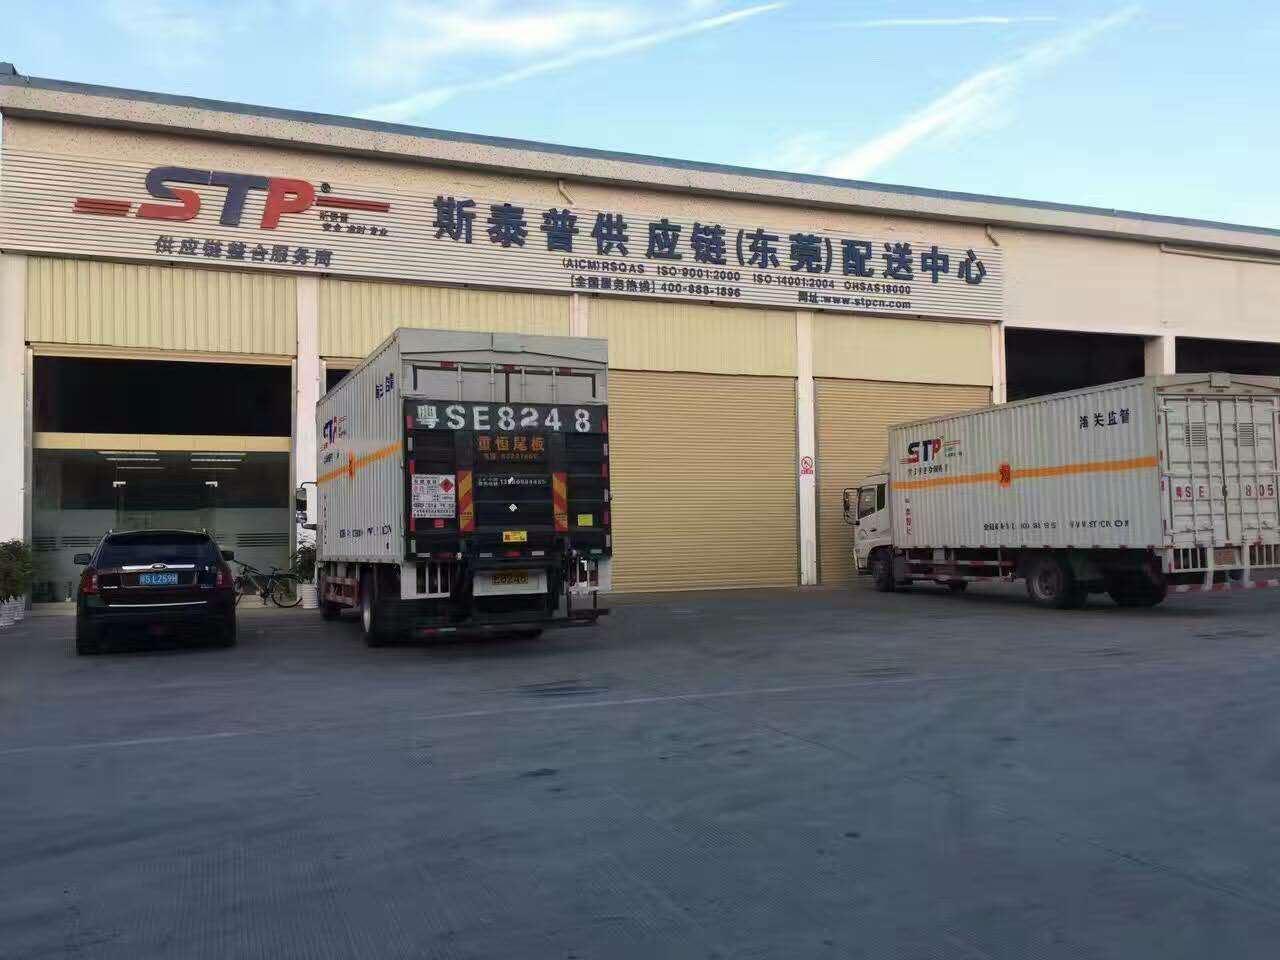 上海到淮北物流专线(广东斯泰普化学供应链有限公司上海分公司)